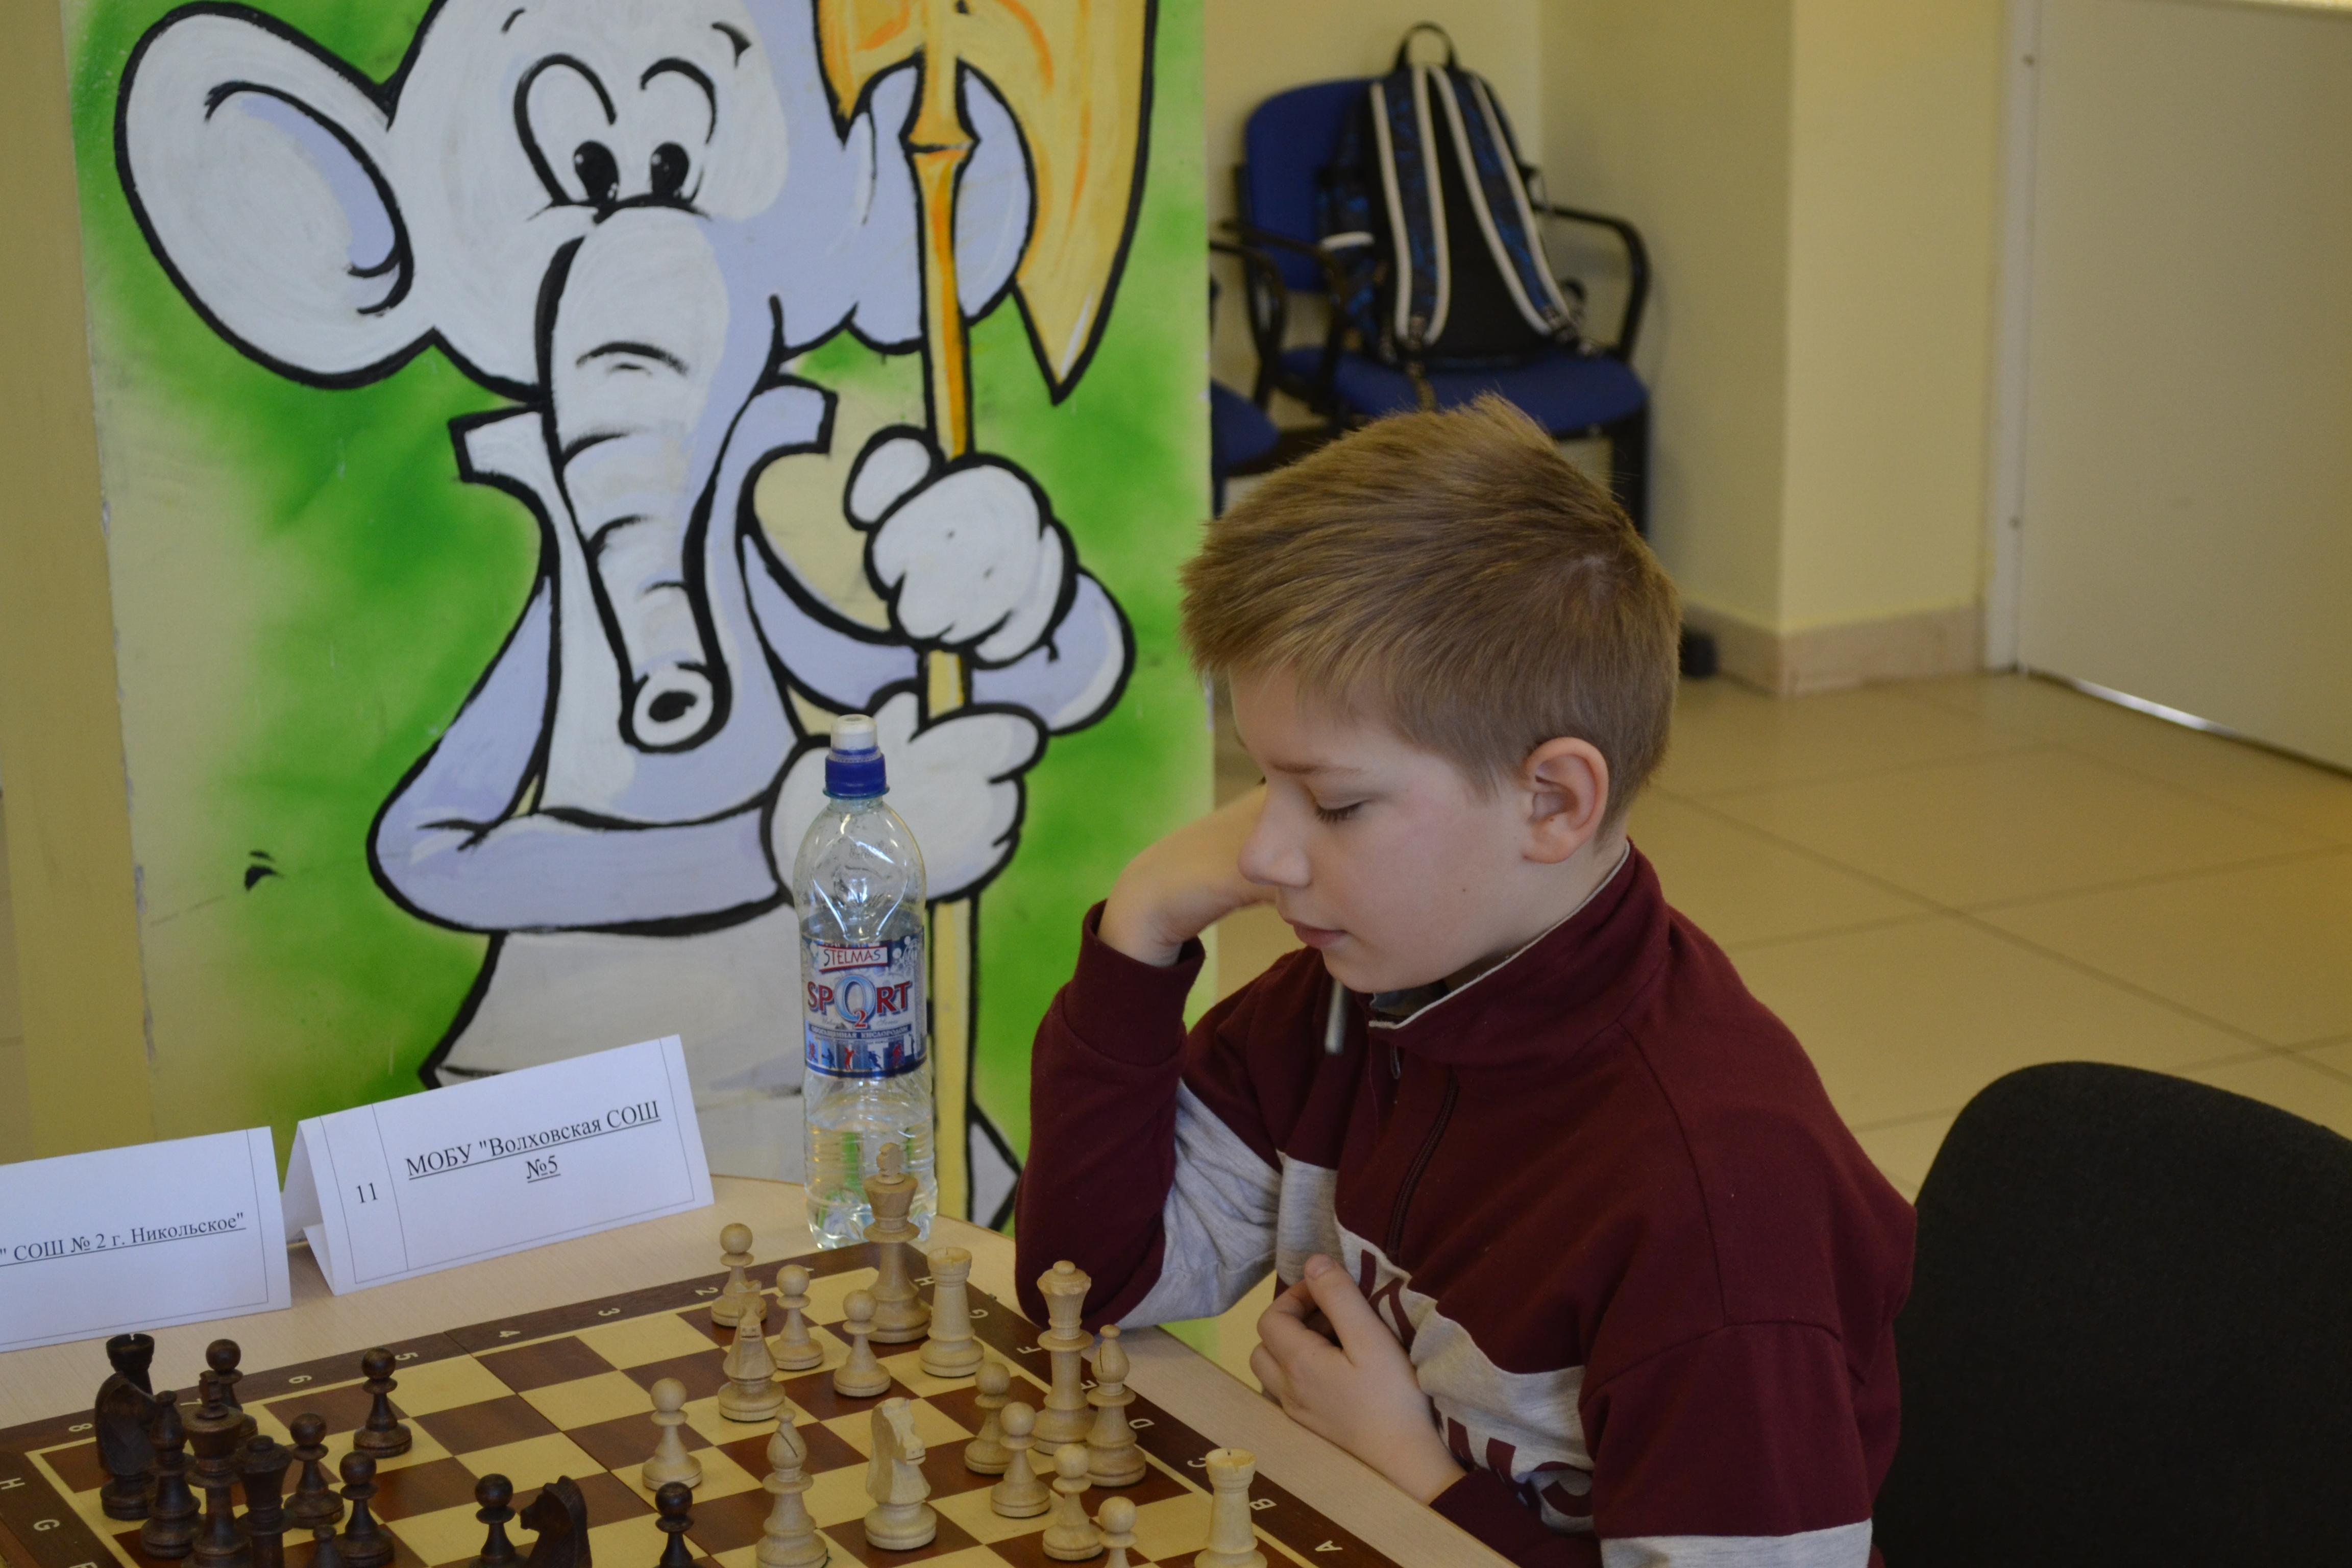 АНОНС! Областной турнир по шахматам «Приз Центра Ладога» (1 этап), (Мальчики, девочки до 11 лет)